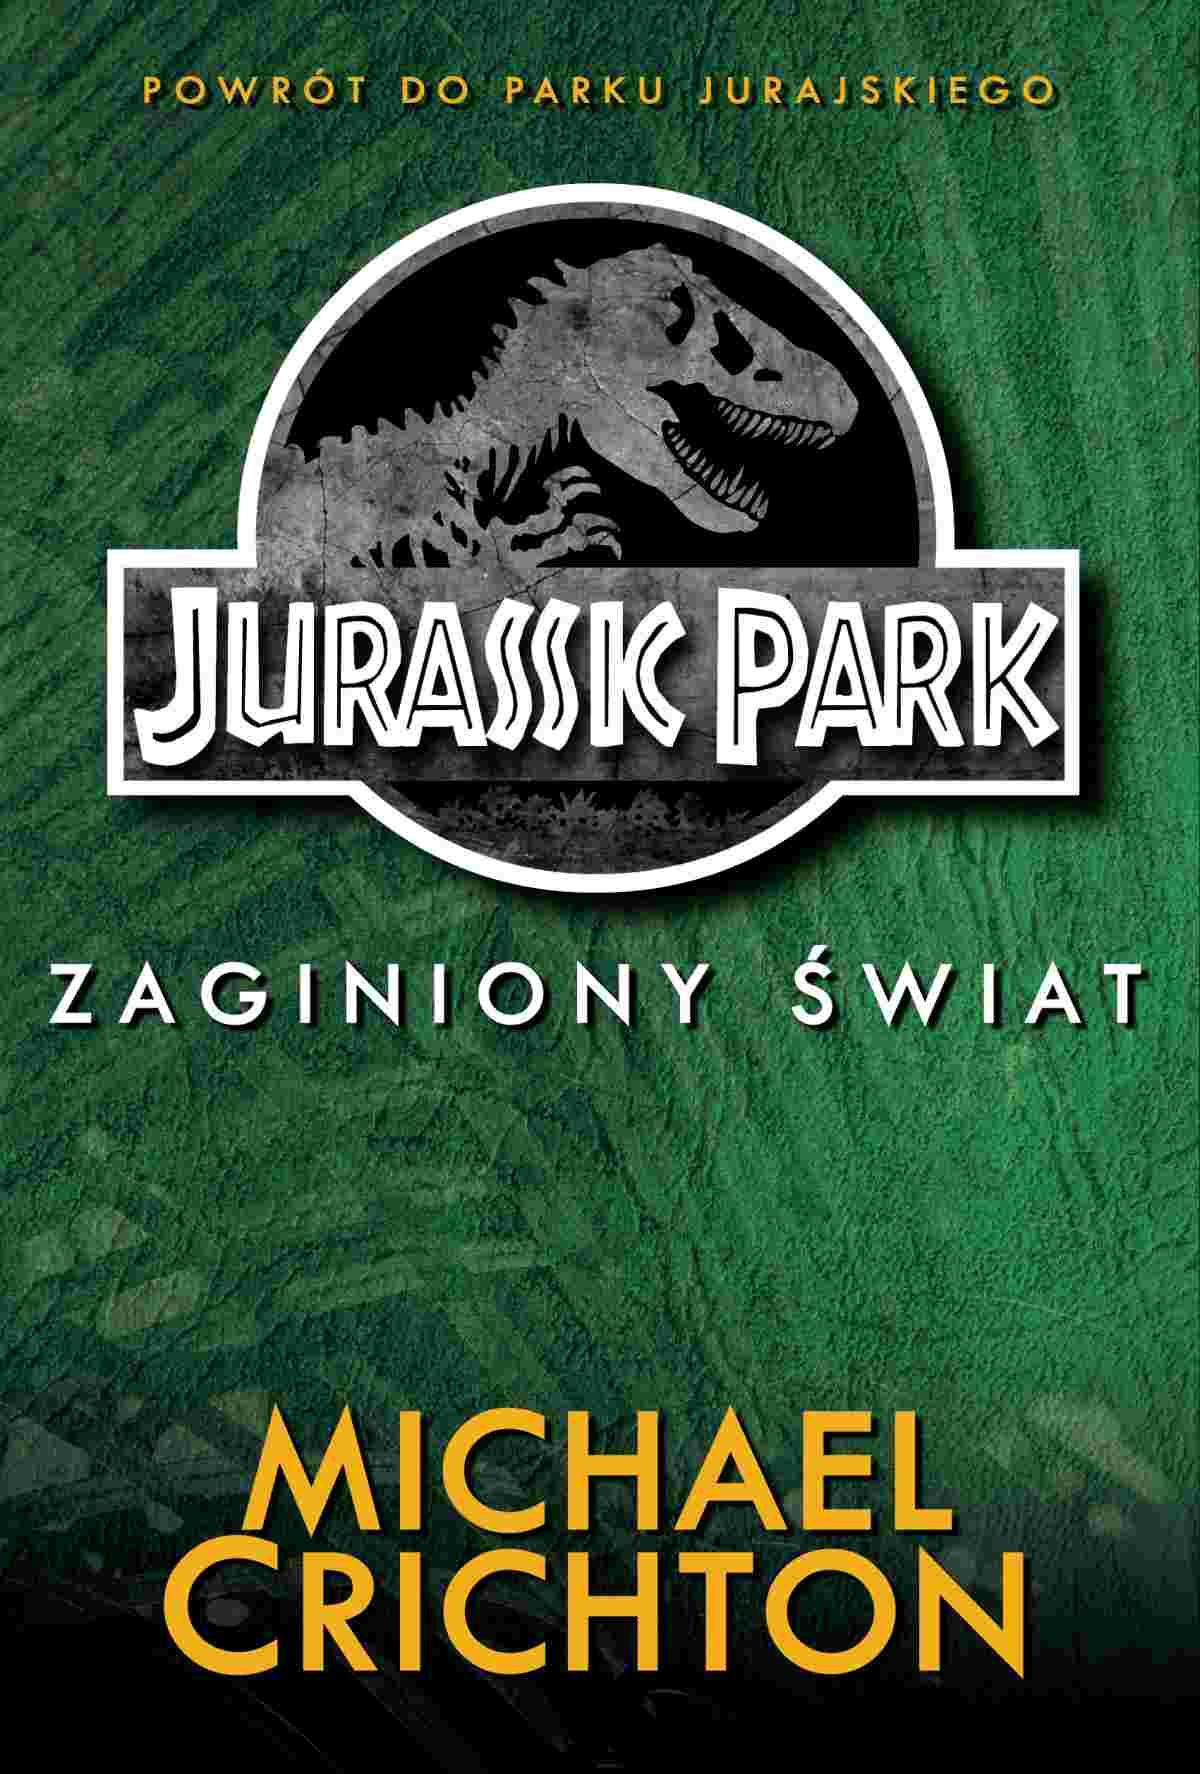 Jurassic Park. Zaginiony Świat - Ebook (Książka EPUB) do pobrania w formacie EPUB